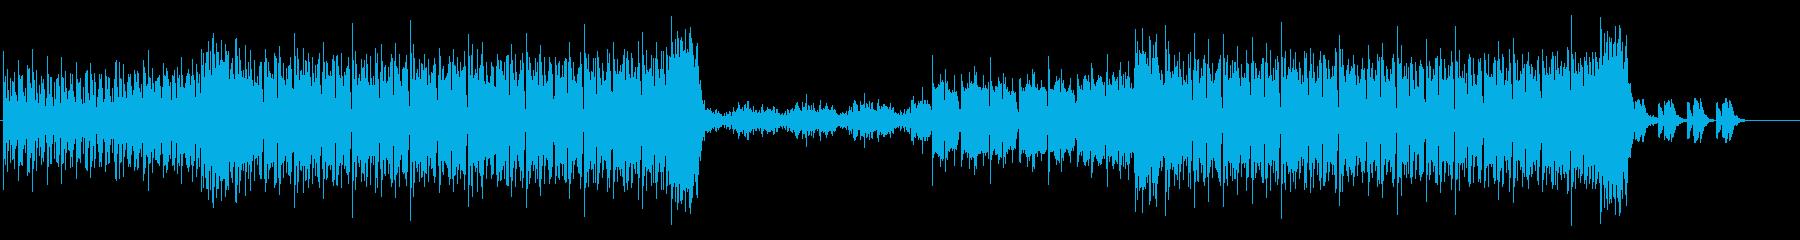 ポップで疾走感のあるBGMの再生済みの波形